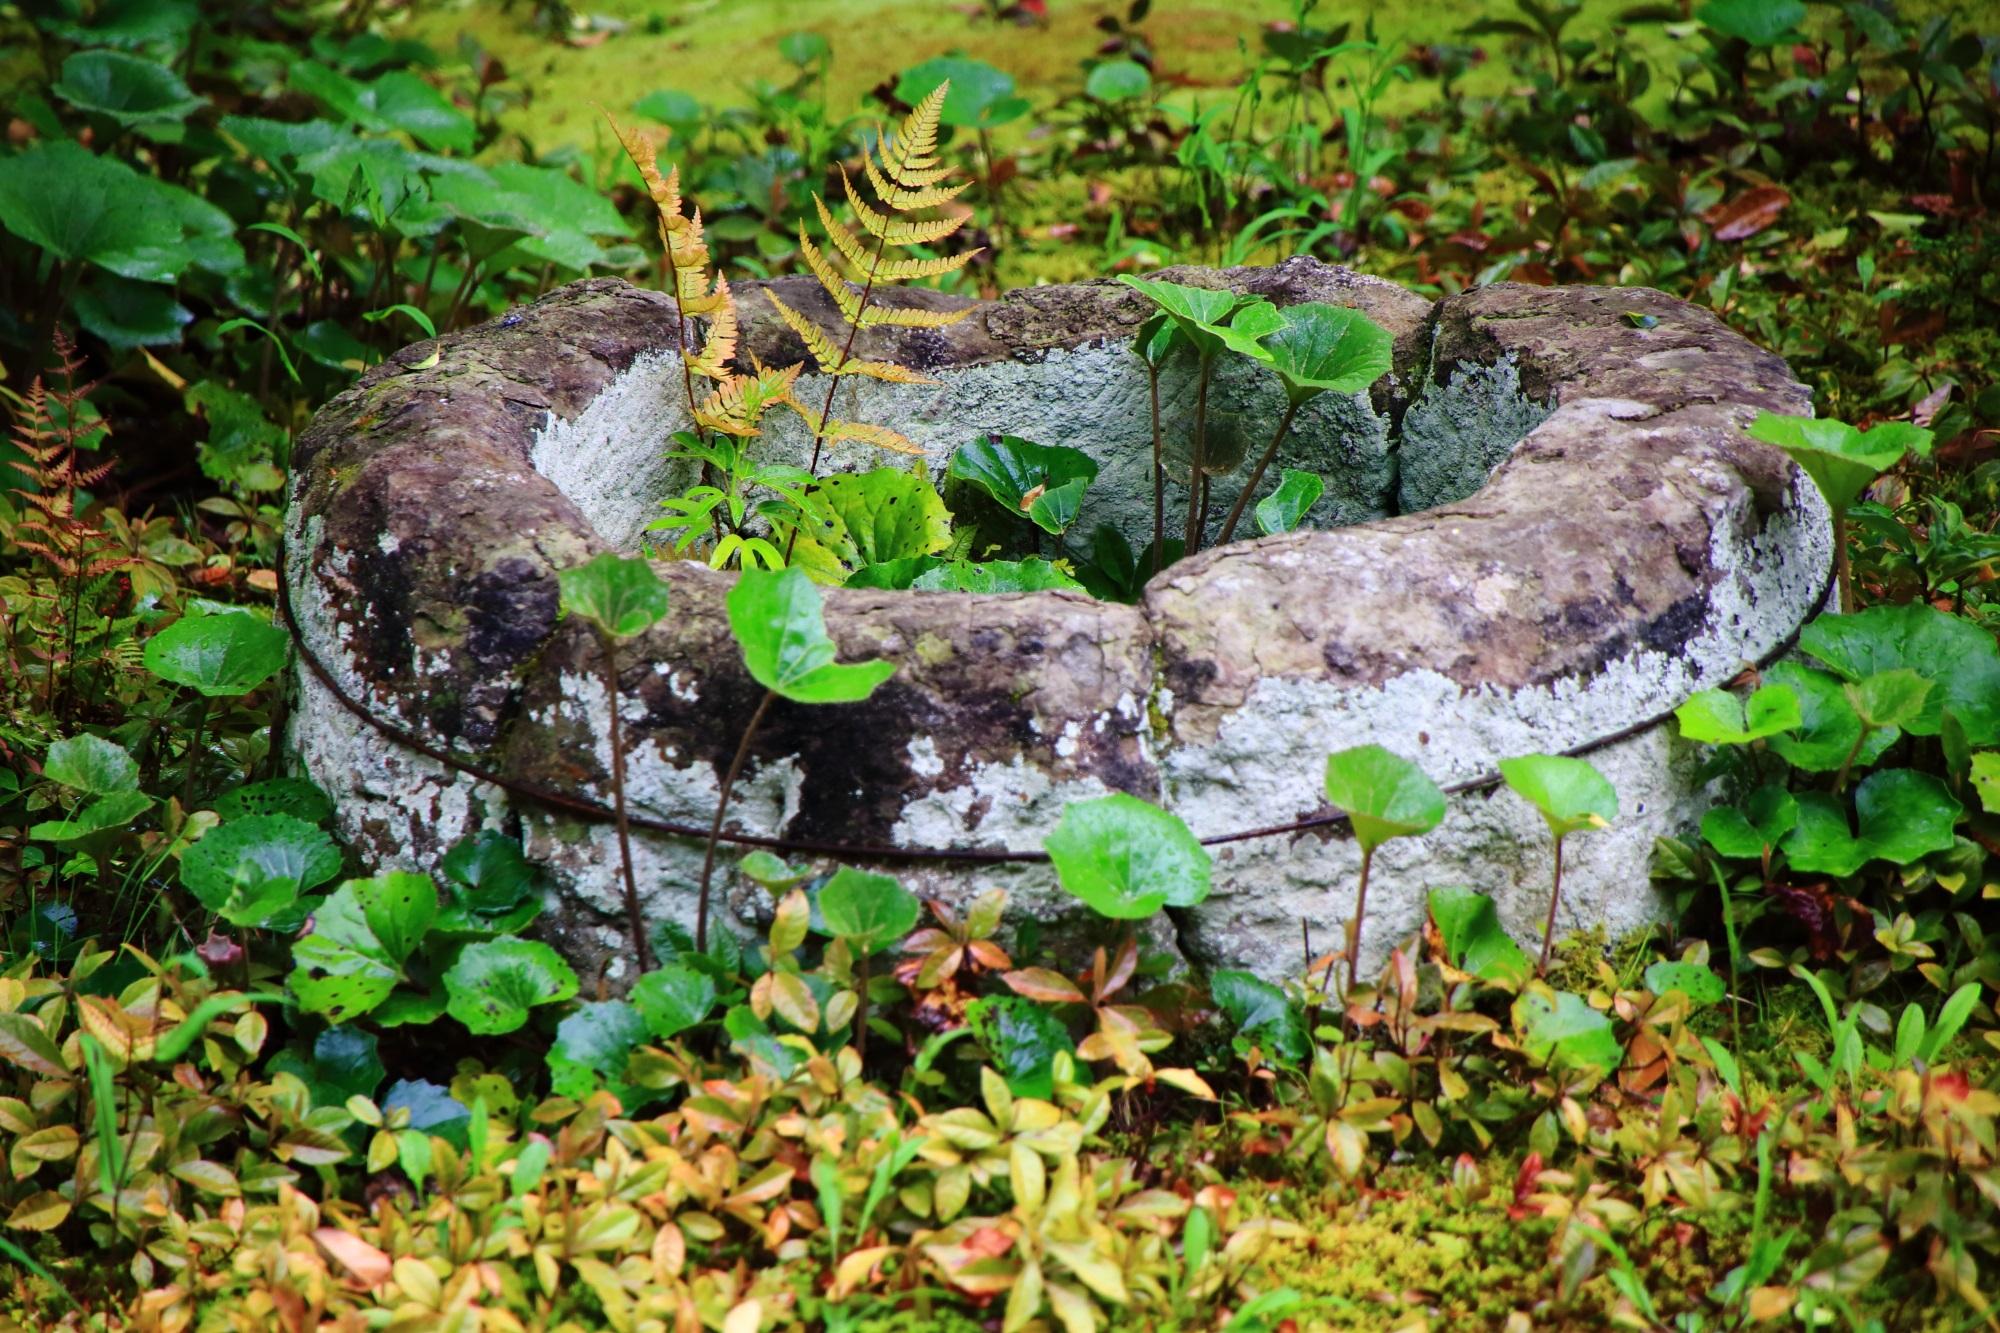 大心院の方丈前庭園で元気に育つ可愛い緑やシダ